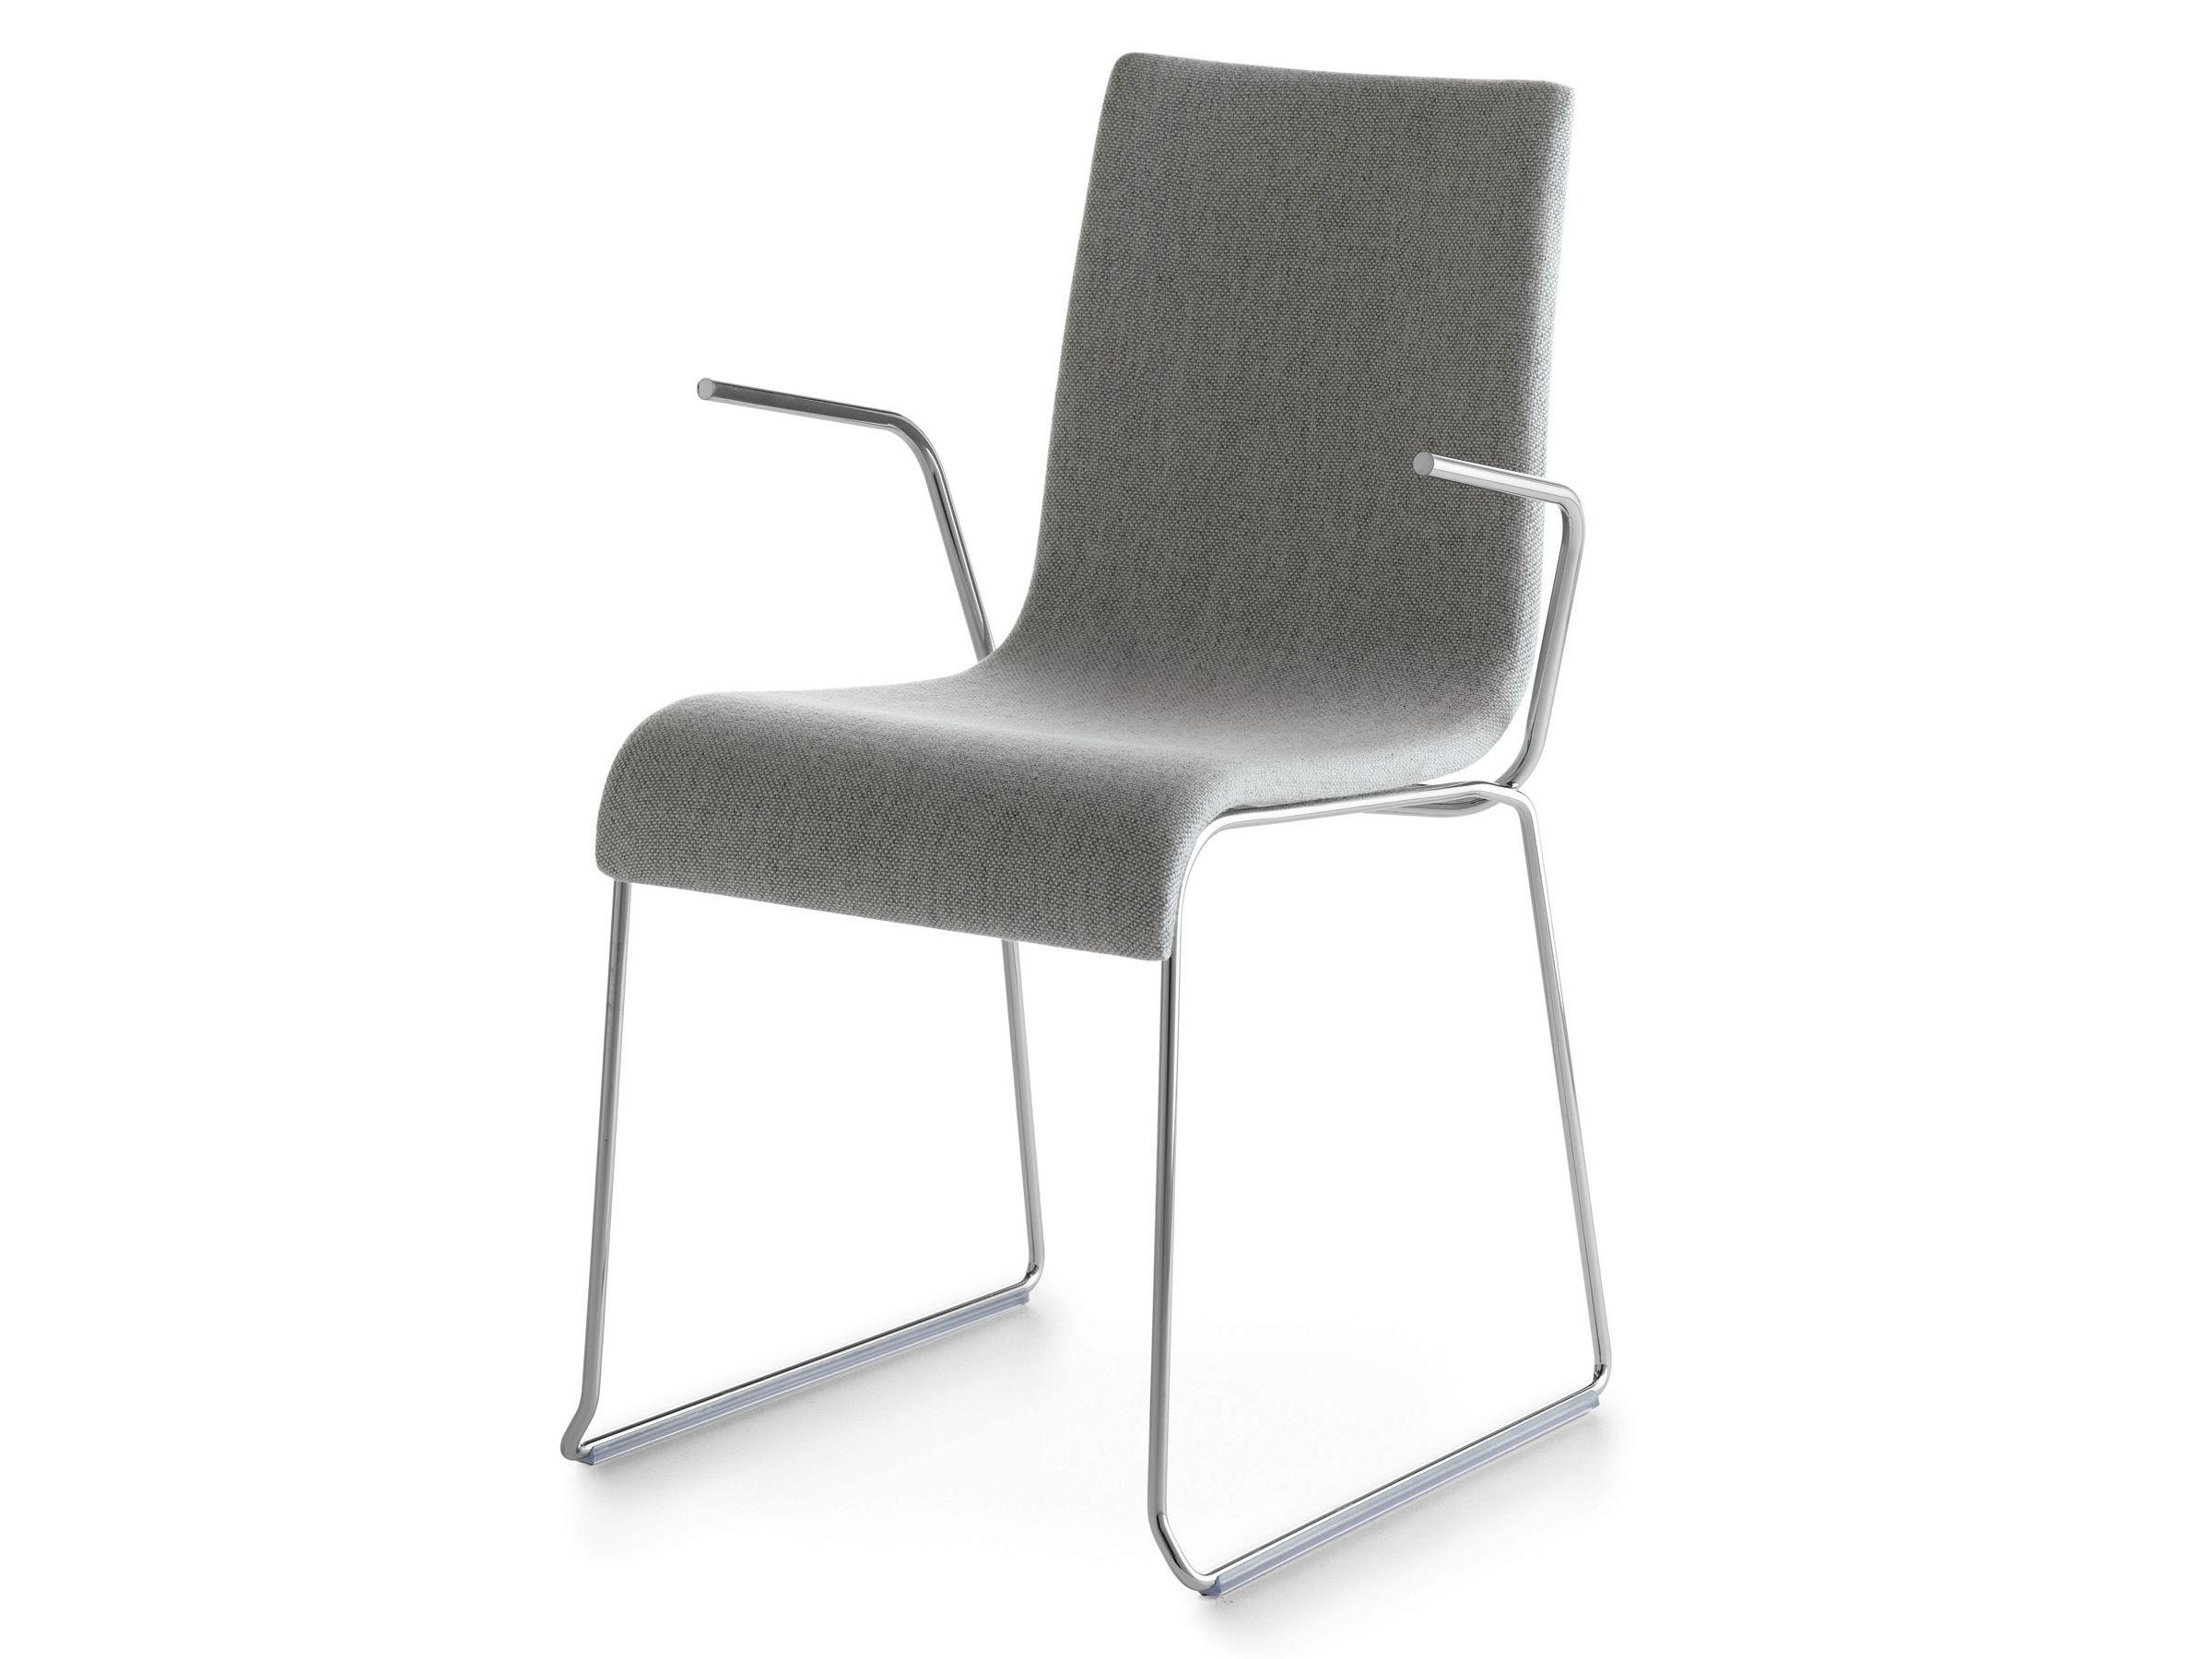 Gepolsterter stuhl mit kufen mit armlehnen asia 2001 p for Design stuhl mit kufen